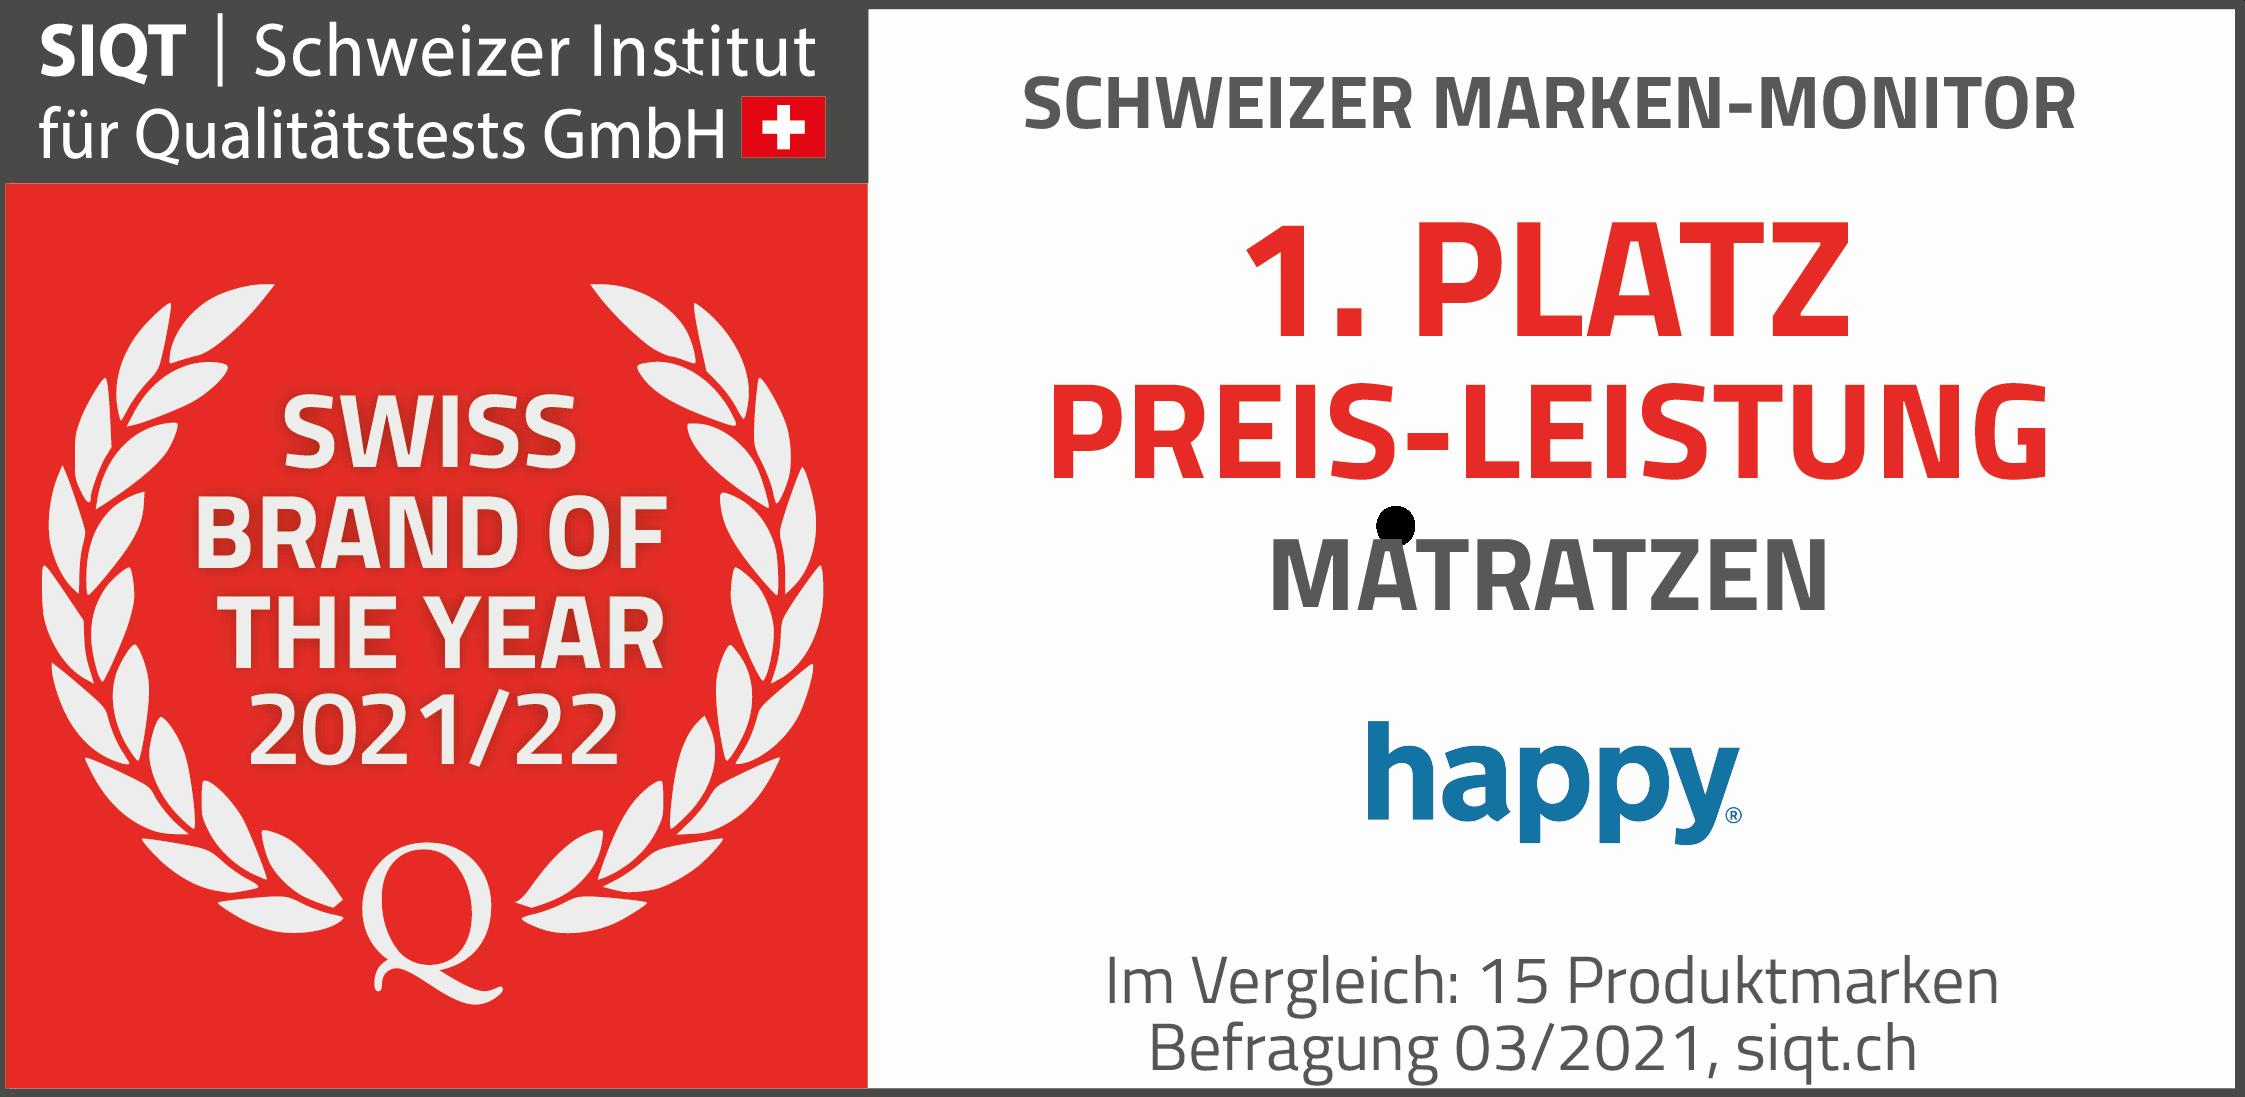 happy 1. Platz Preis-Leistung